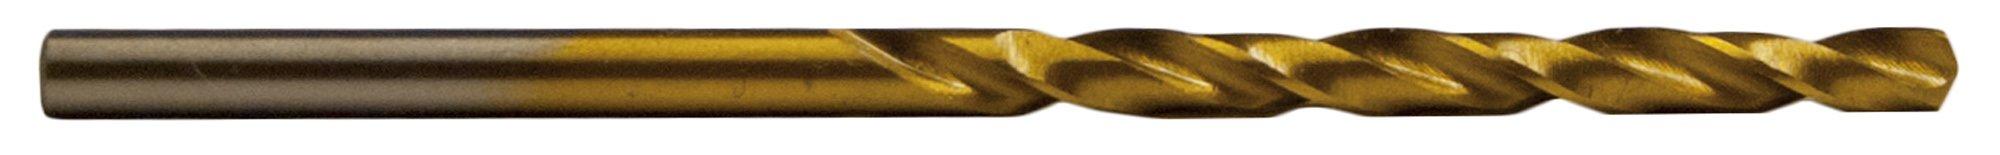 """Century Drill & Tool 88404 Titanium Drill Bit, 1/16"""", 2 Pack"""